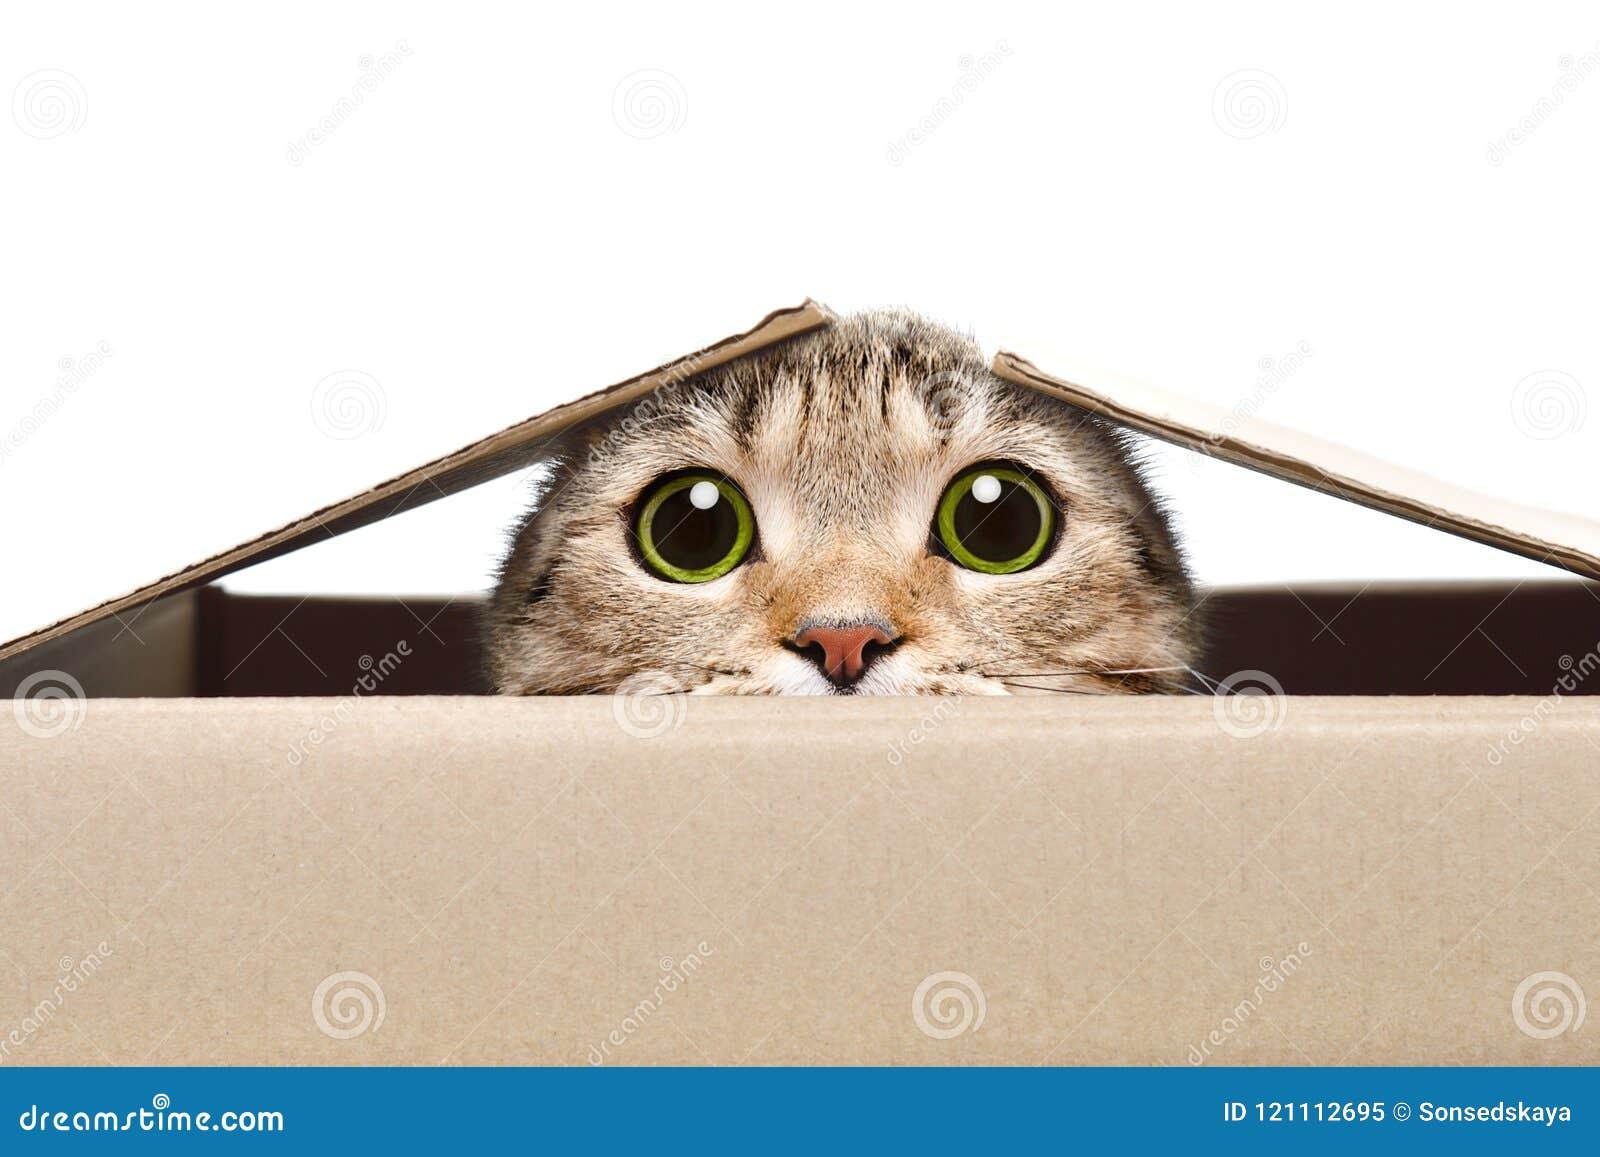 Retrato de un gato divertido que mira fuera de la caja